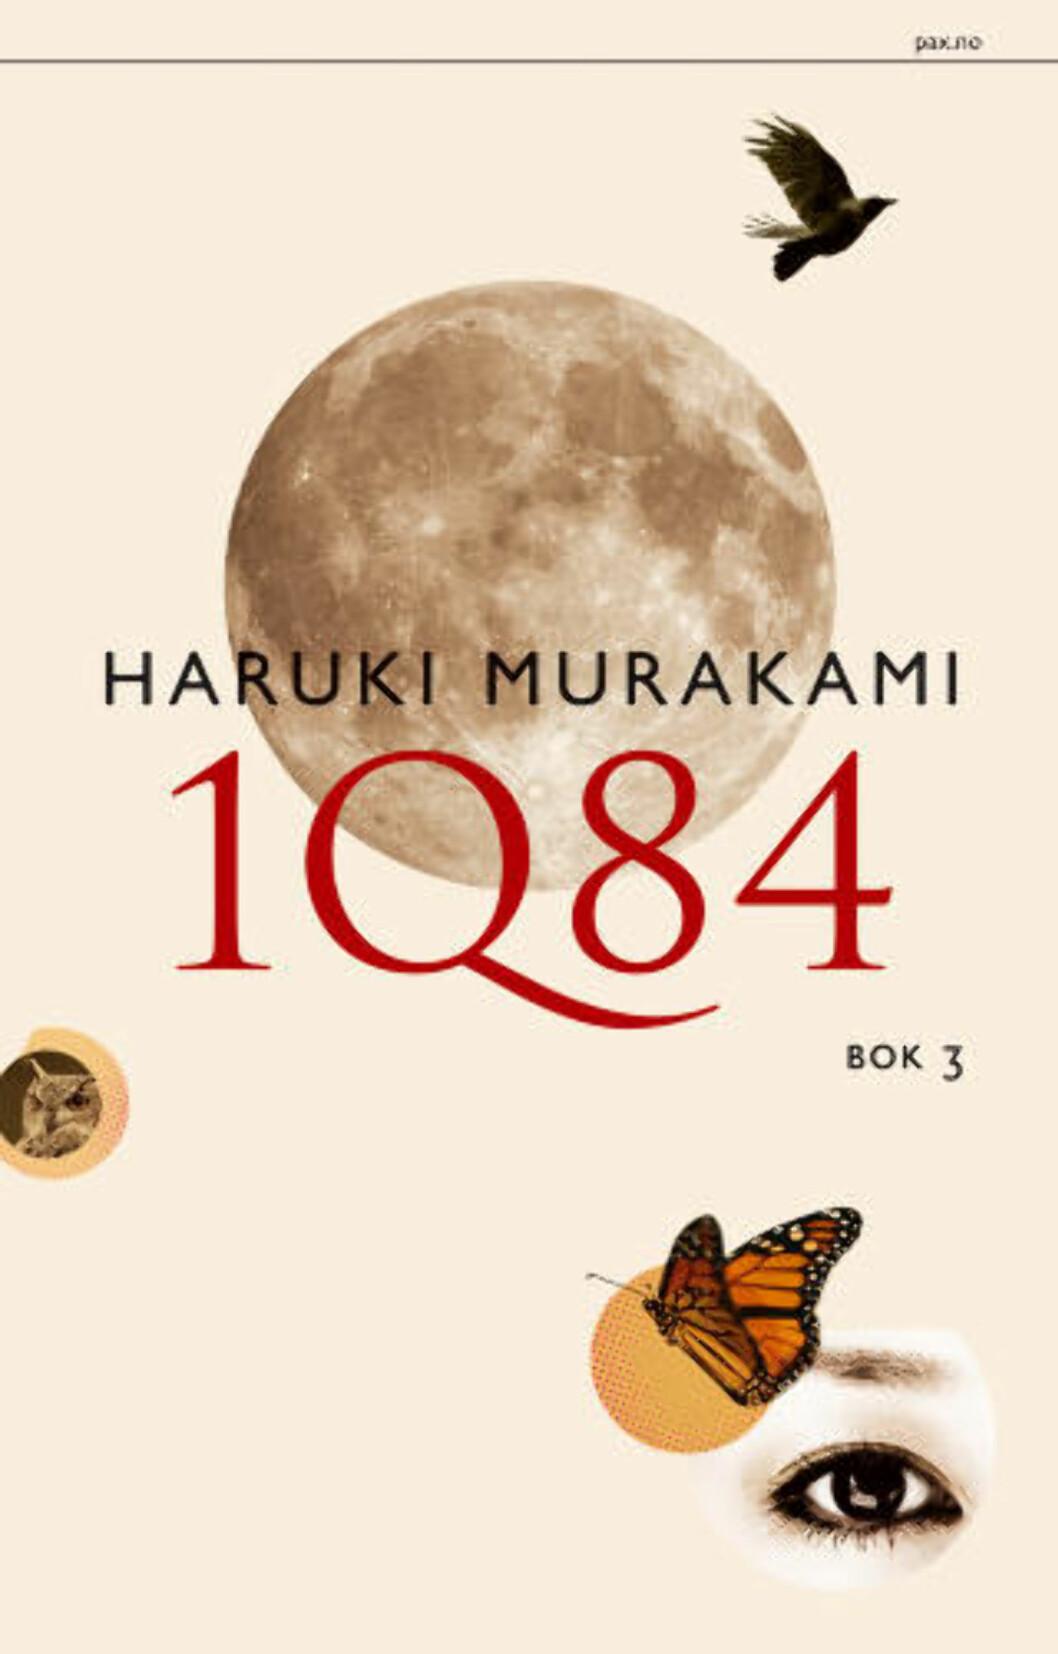 Bare Murakami kan lage stor litteratur av dette våset